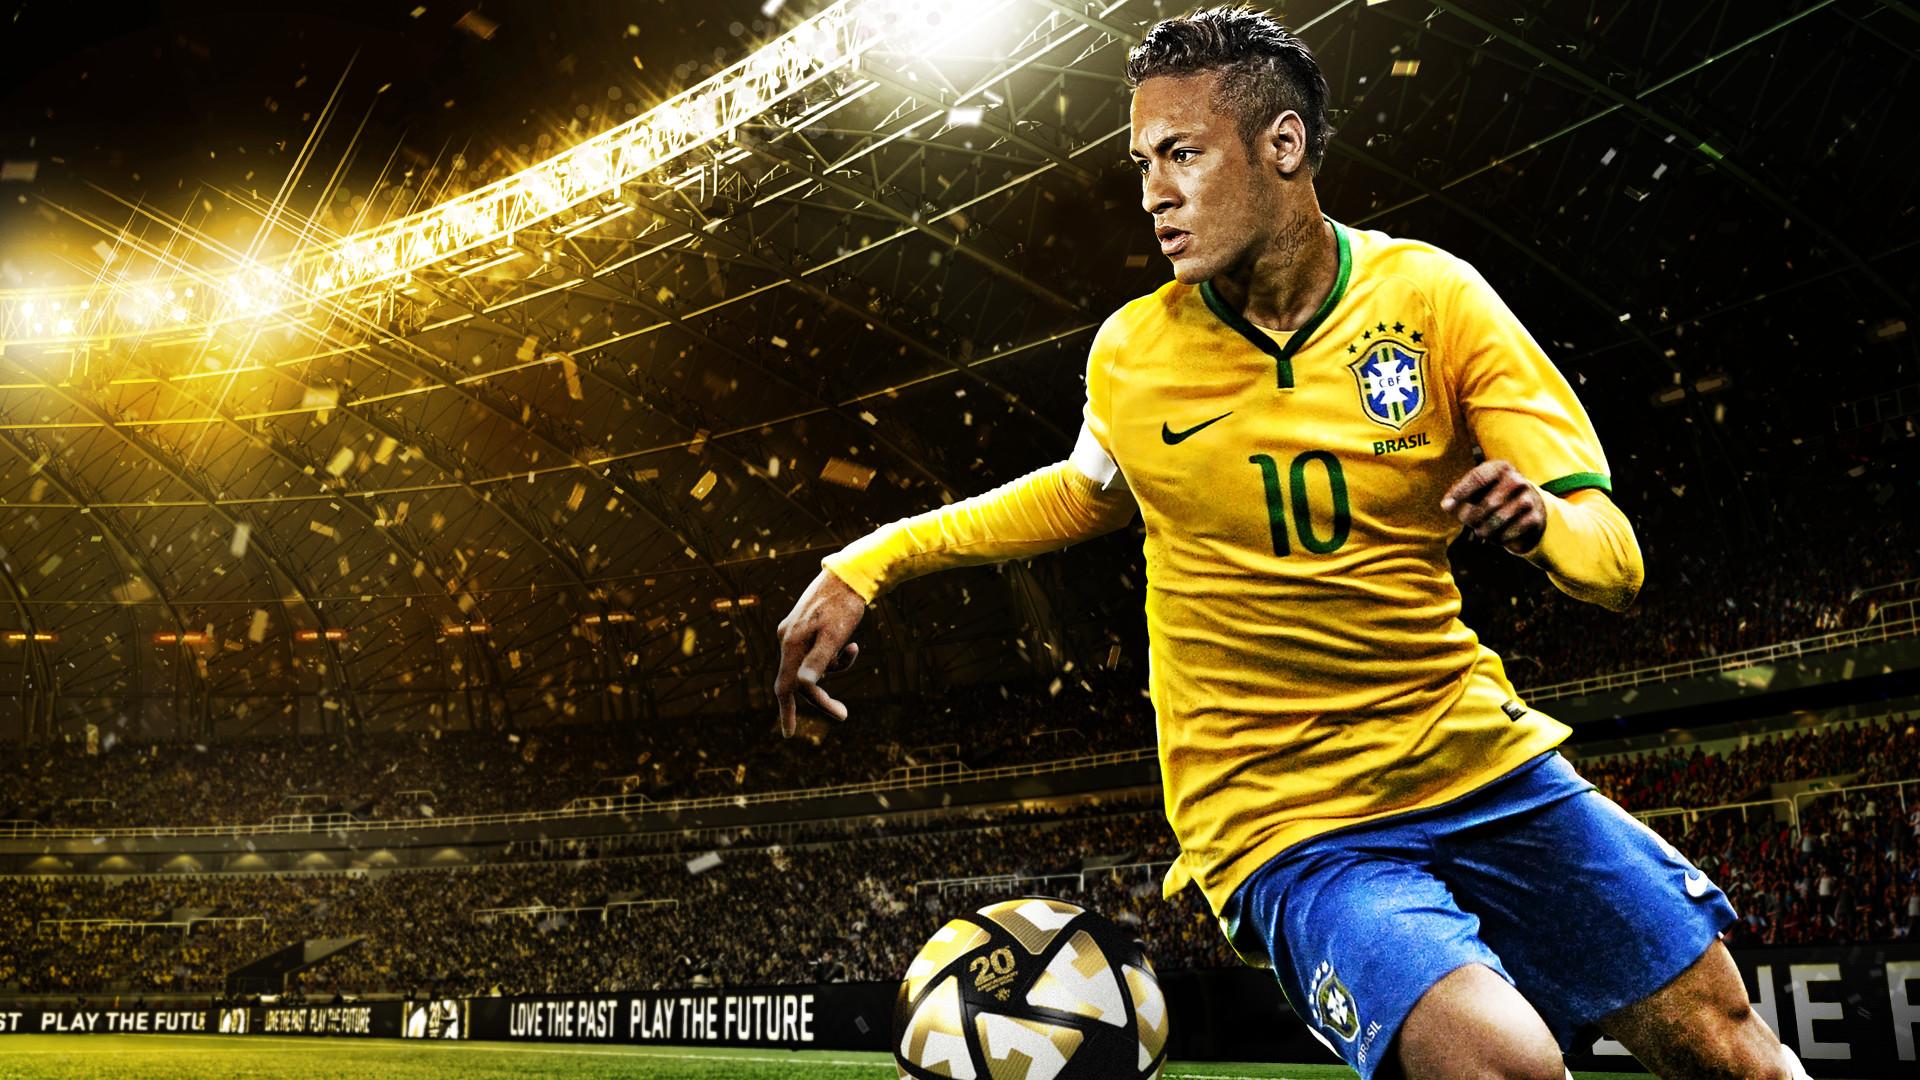 neymar wallpaper 2017 hd 183��